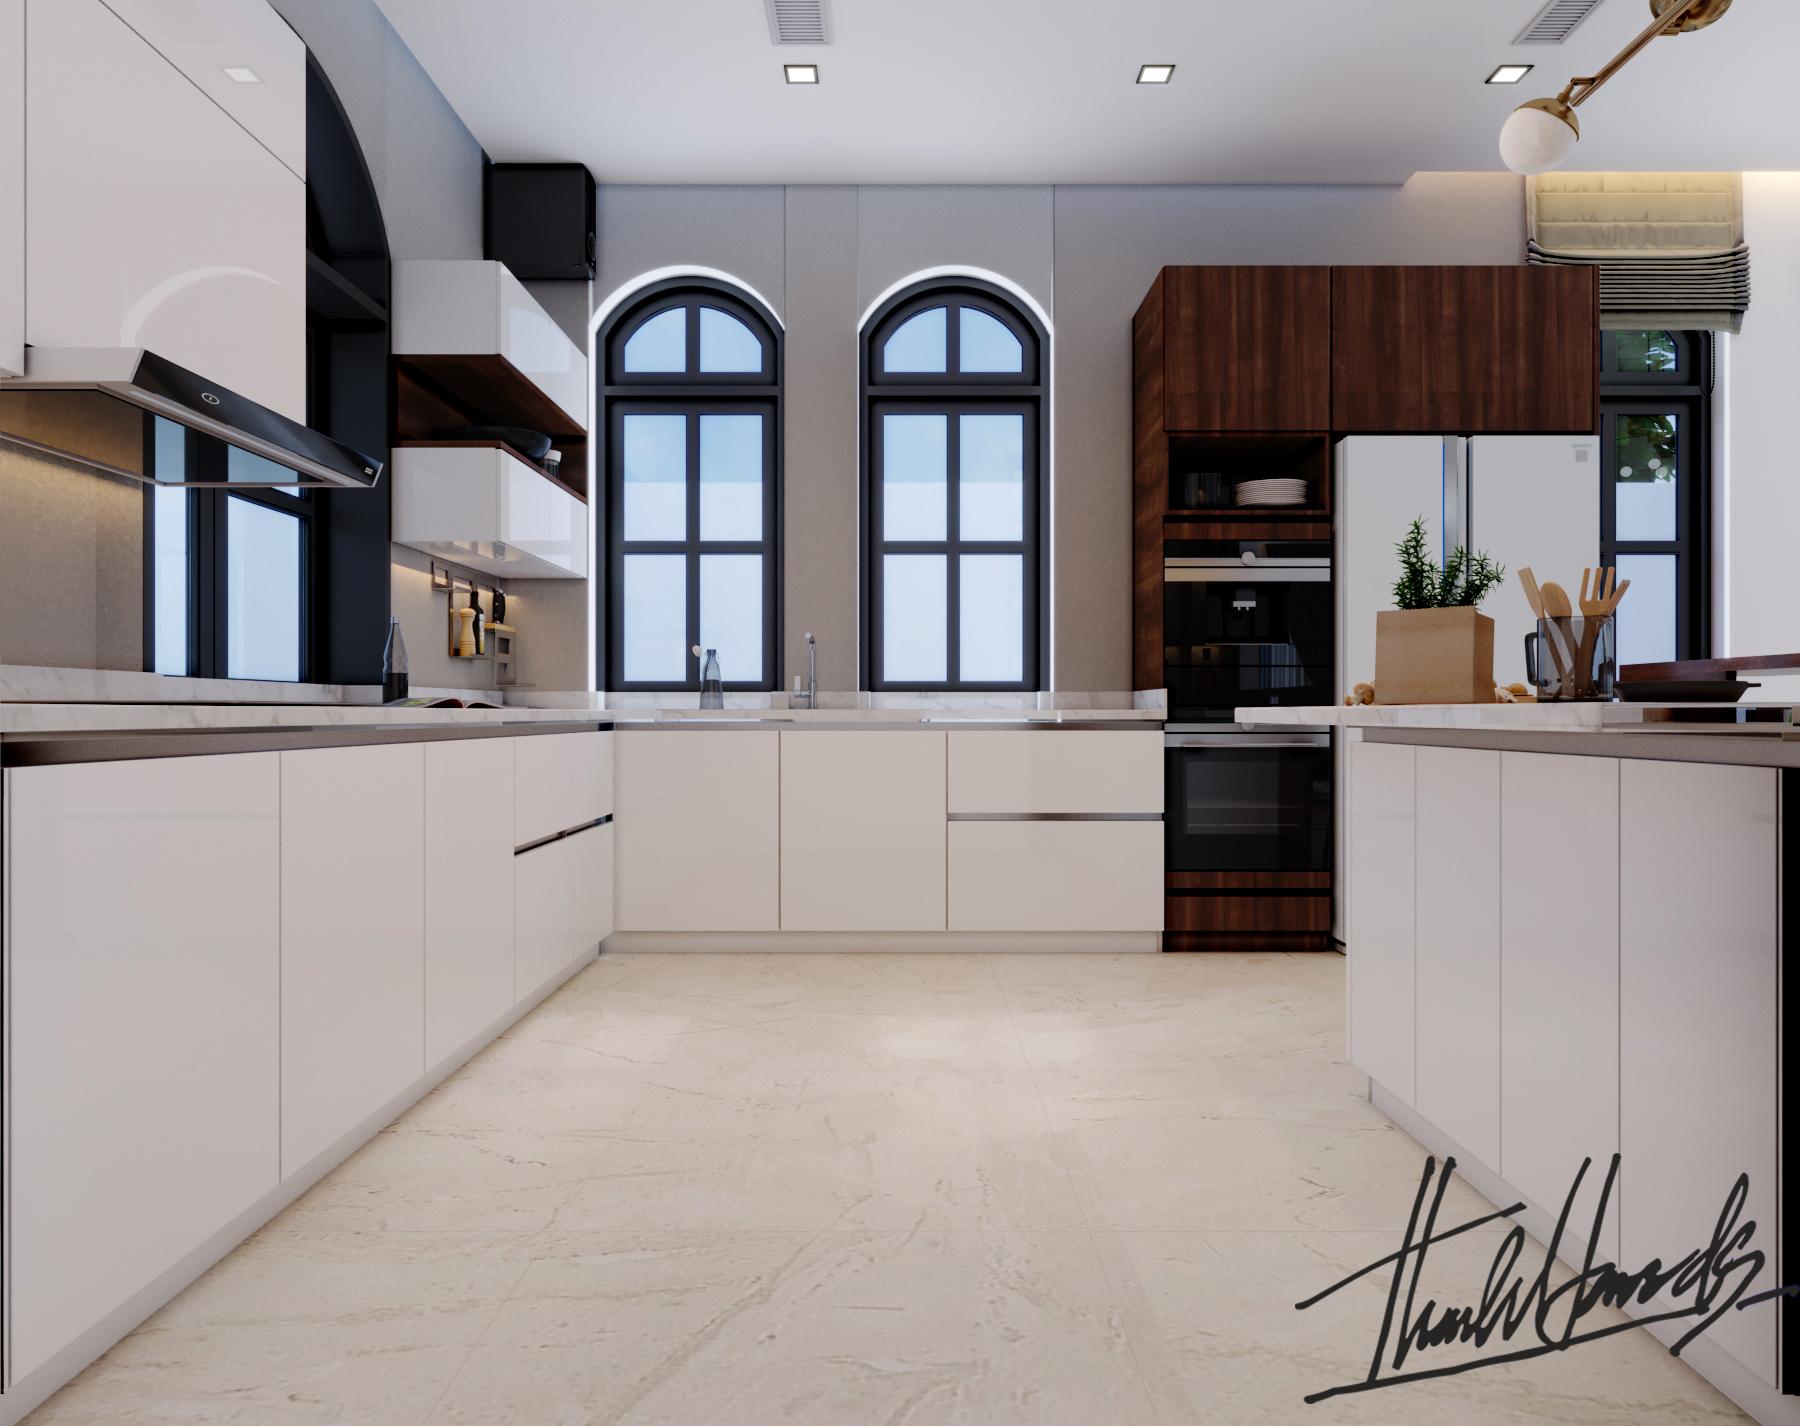 thiết kế nội thất Biệt Thự tại Hải Phòng Biệt thự Vinhomes - imperia ( khu VEN) 15 1568278759